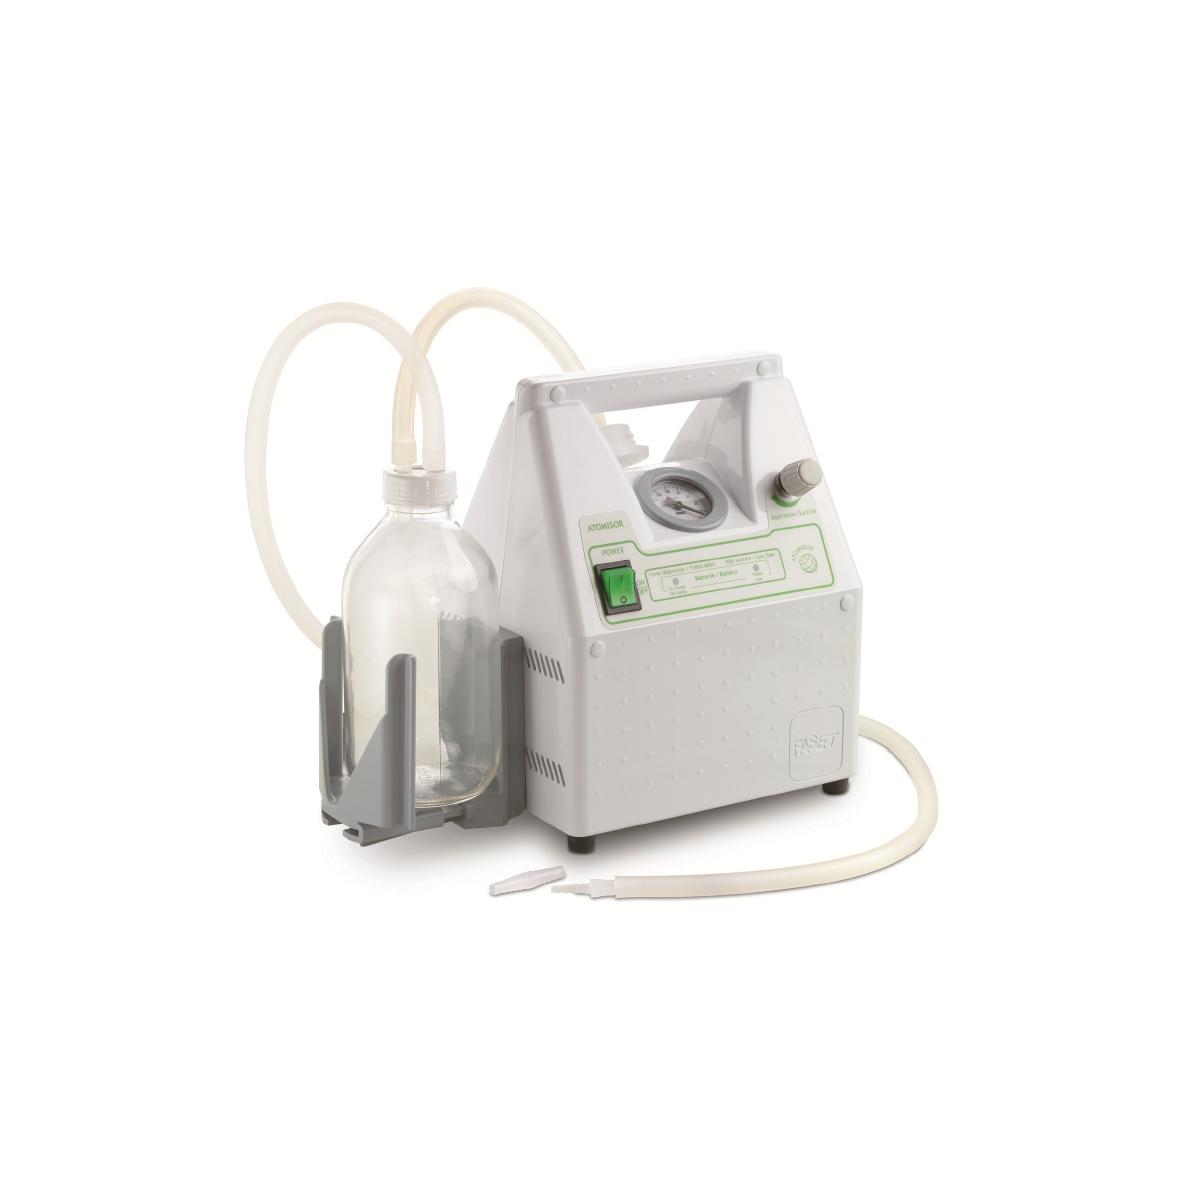 Tracheal aspirator